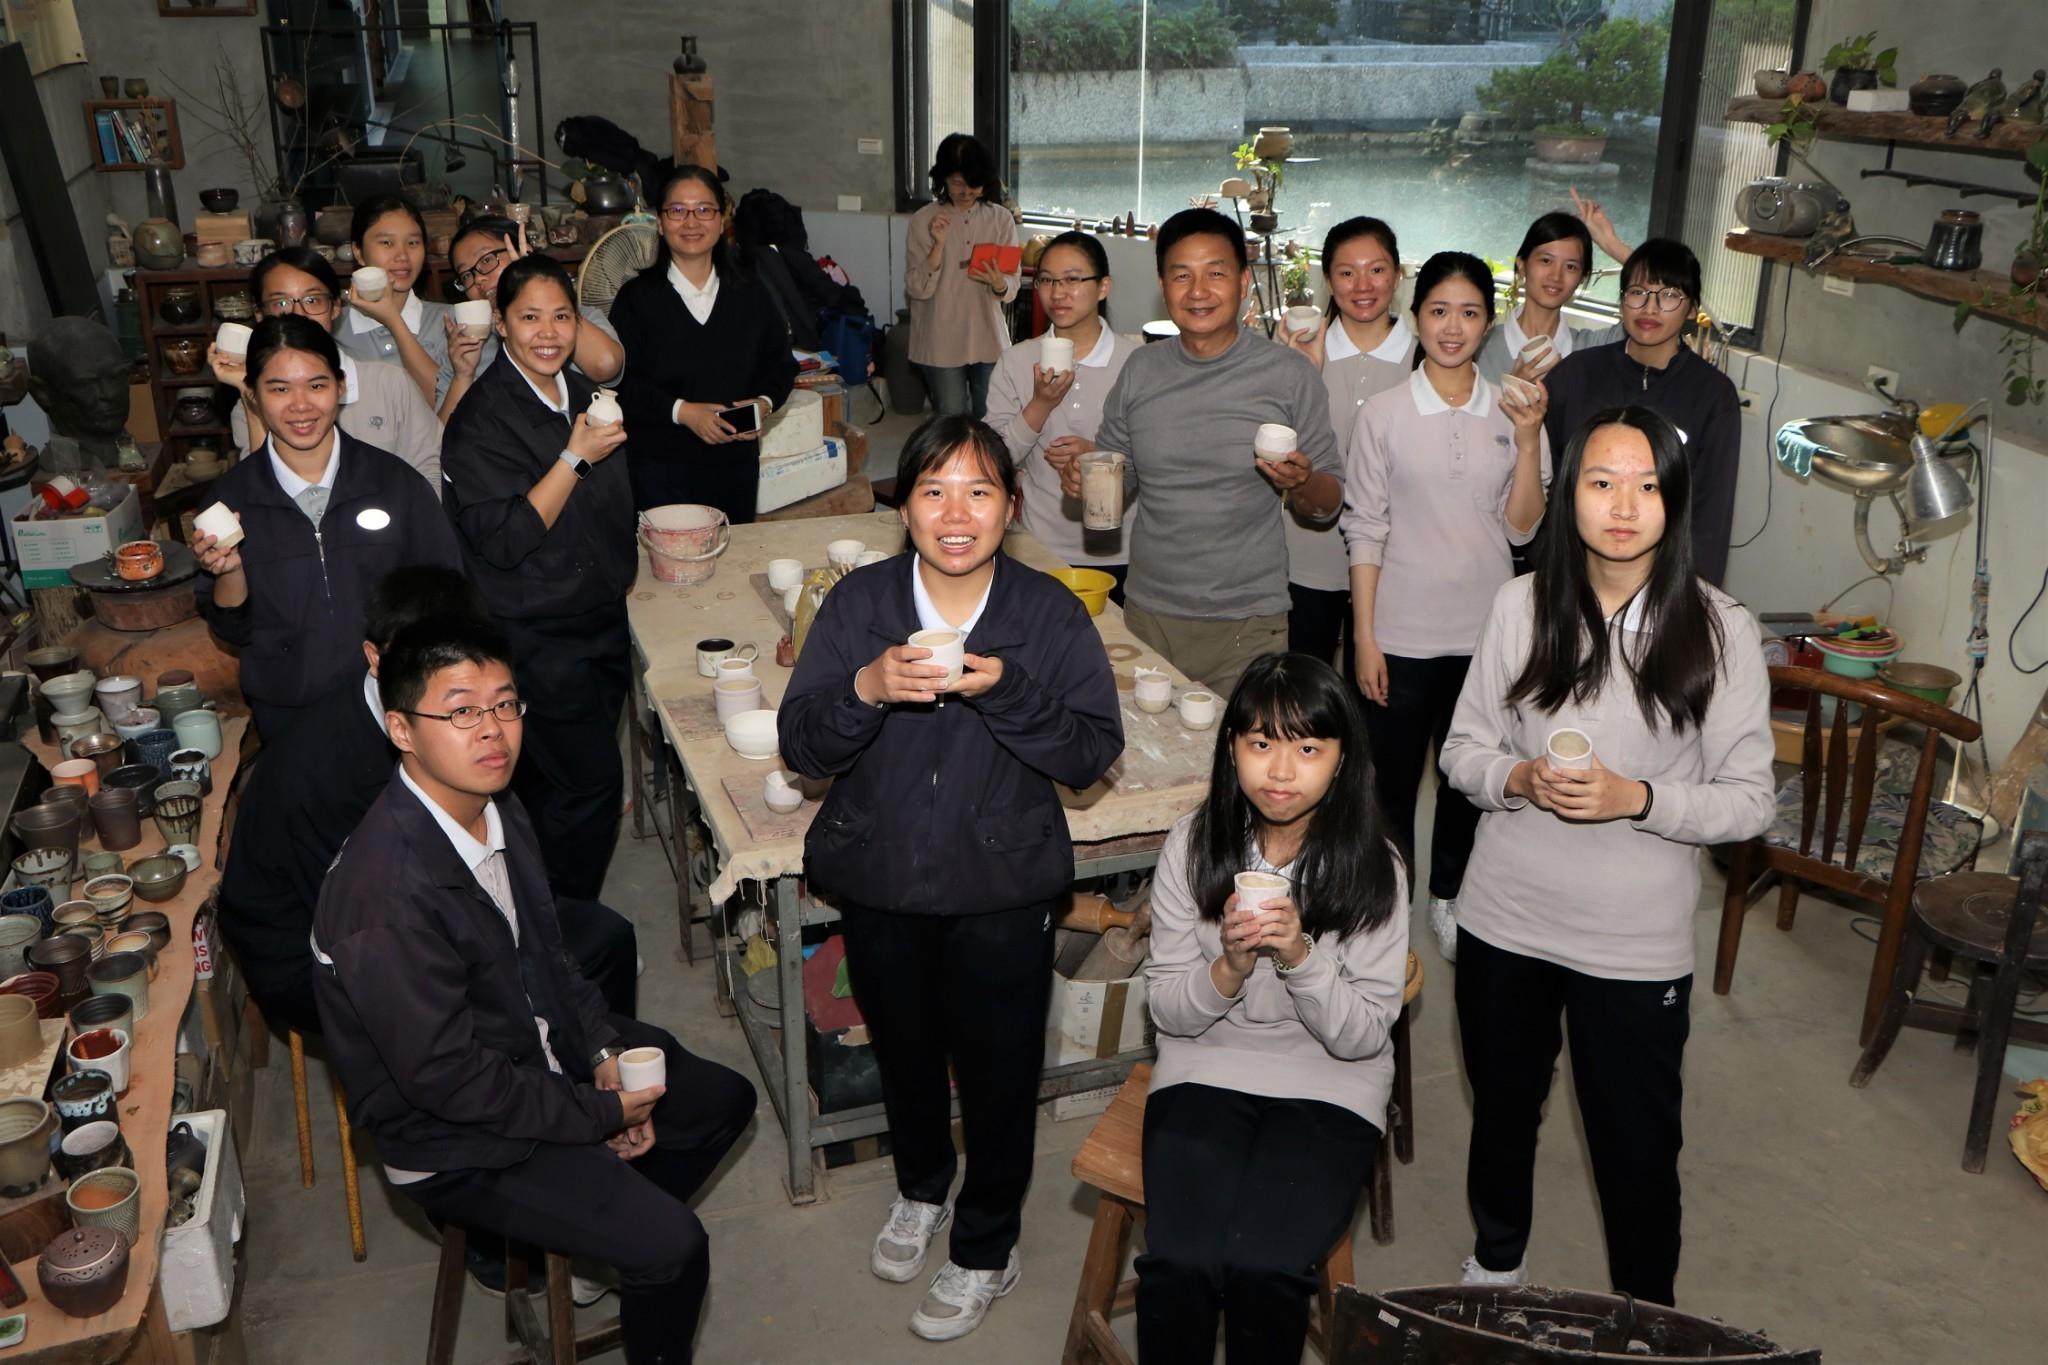 慈濟科技大學第十屆駐校藝術家 帶領學生DIY陶作小物-校園大小事